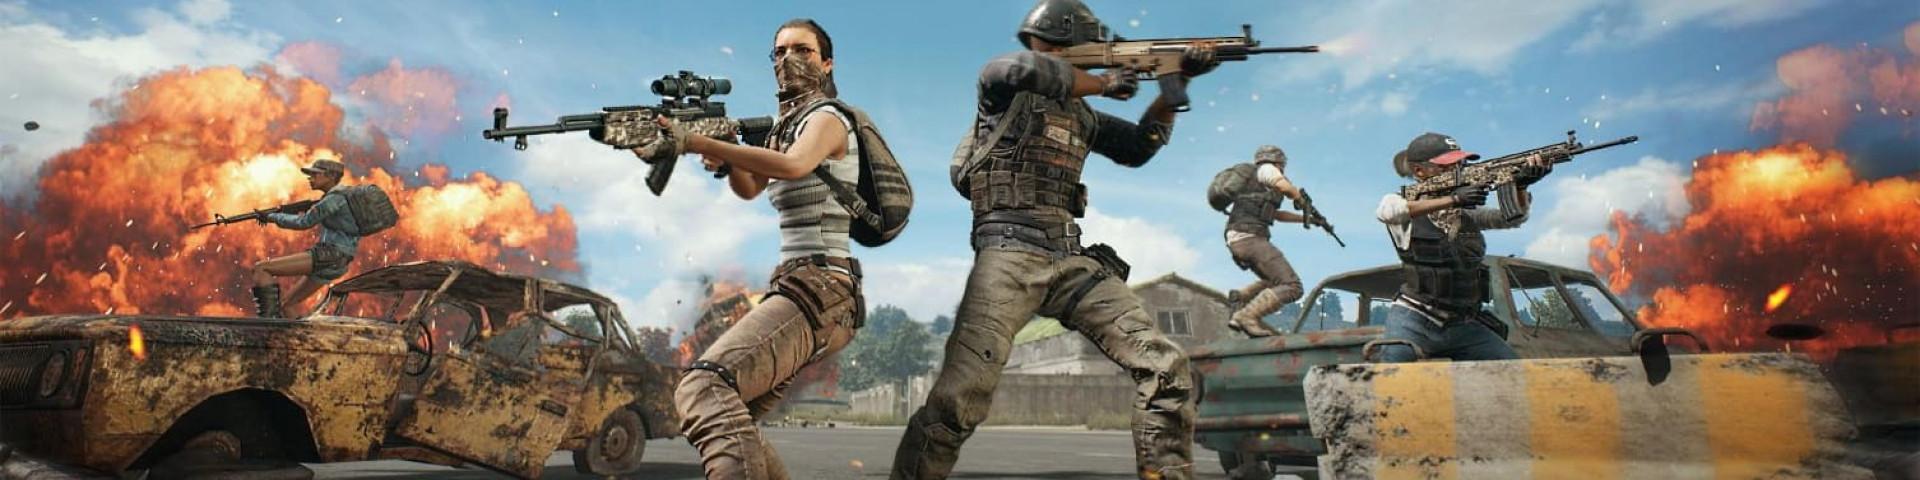 Рейтинг лучших игр, похожих на pubg, 2021 года для поклонников жанра